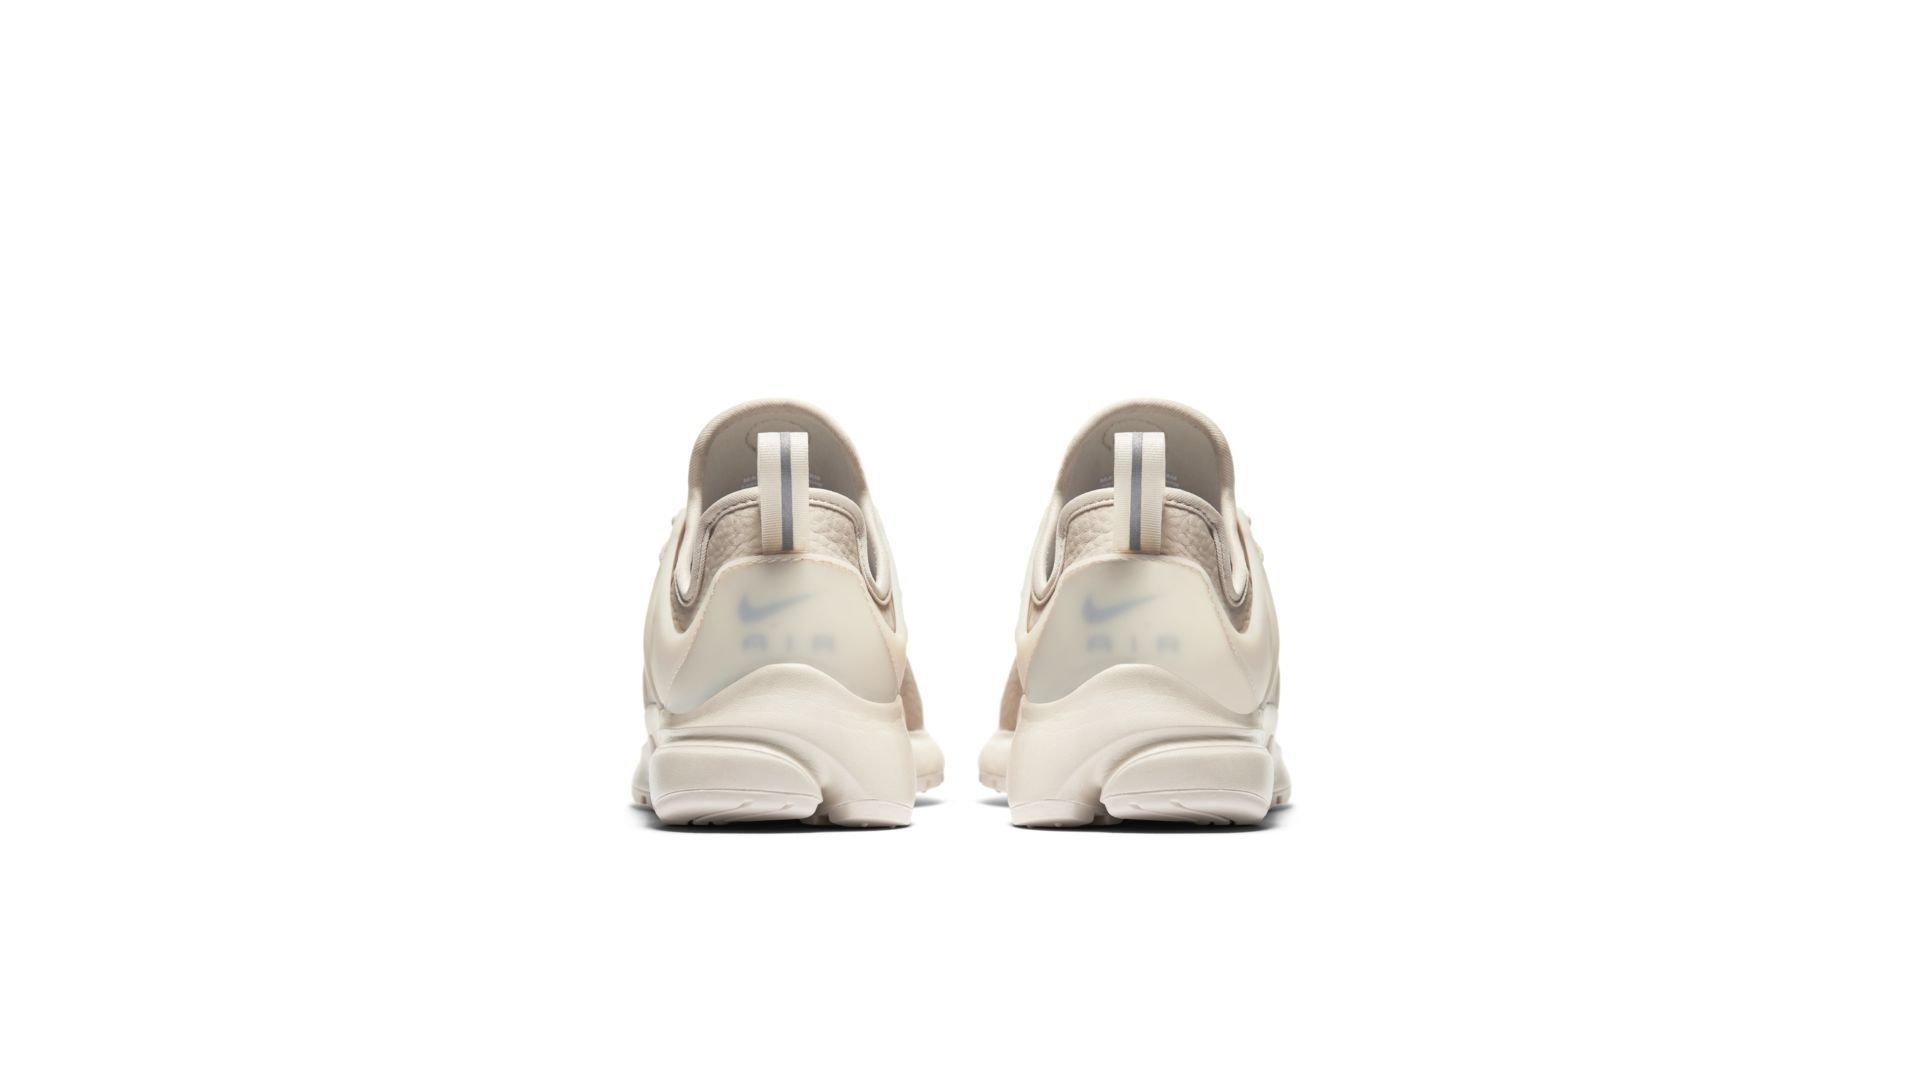 Nike Air Presto Oatmeal (W) (878071-100)